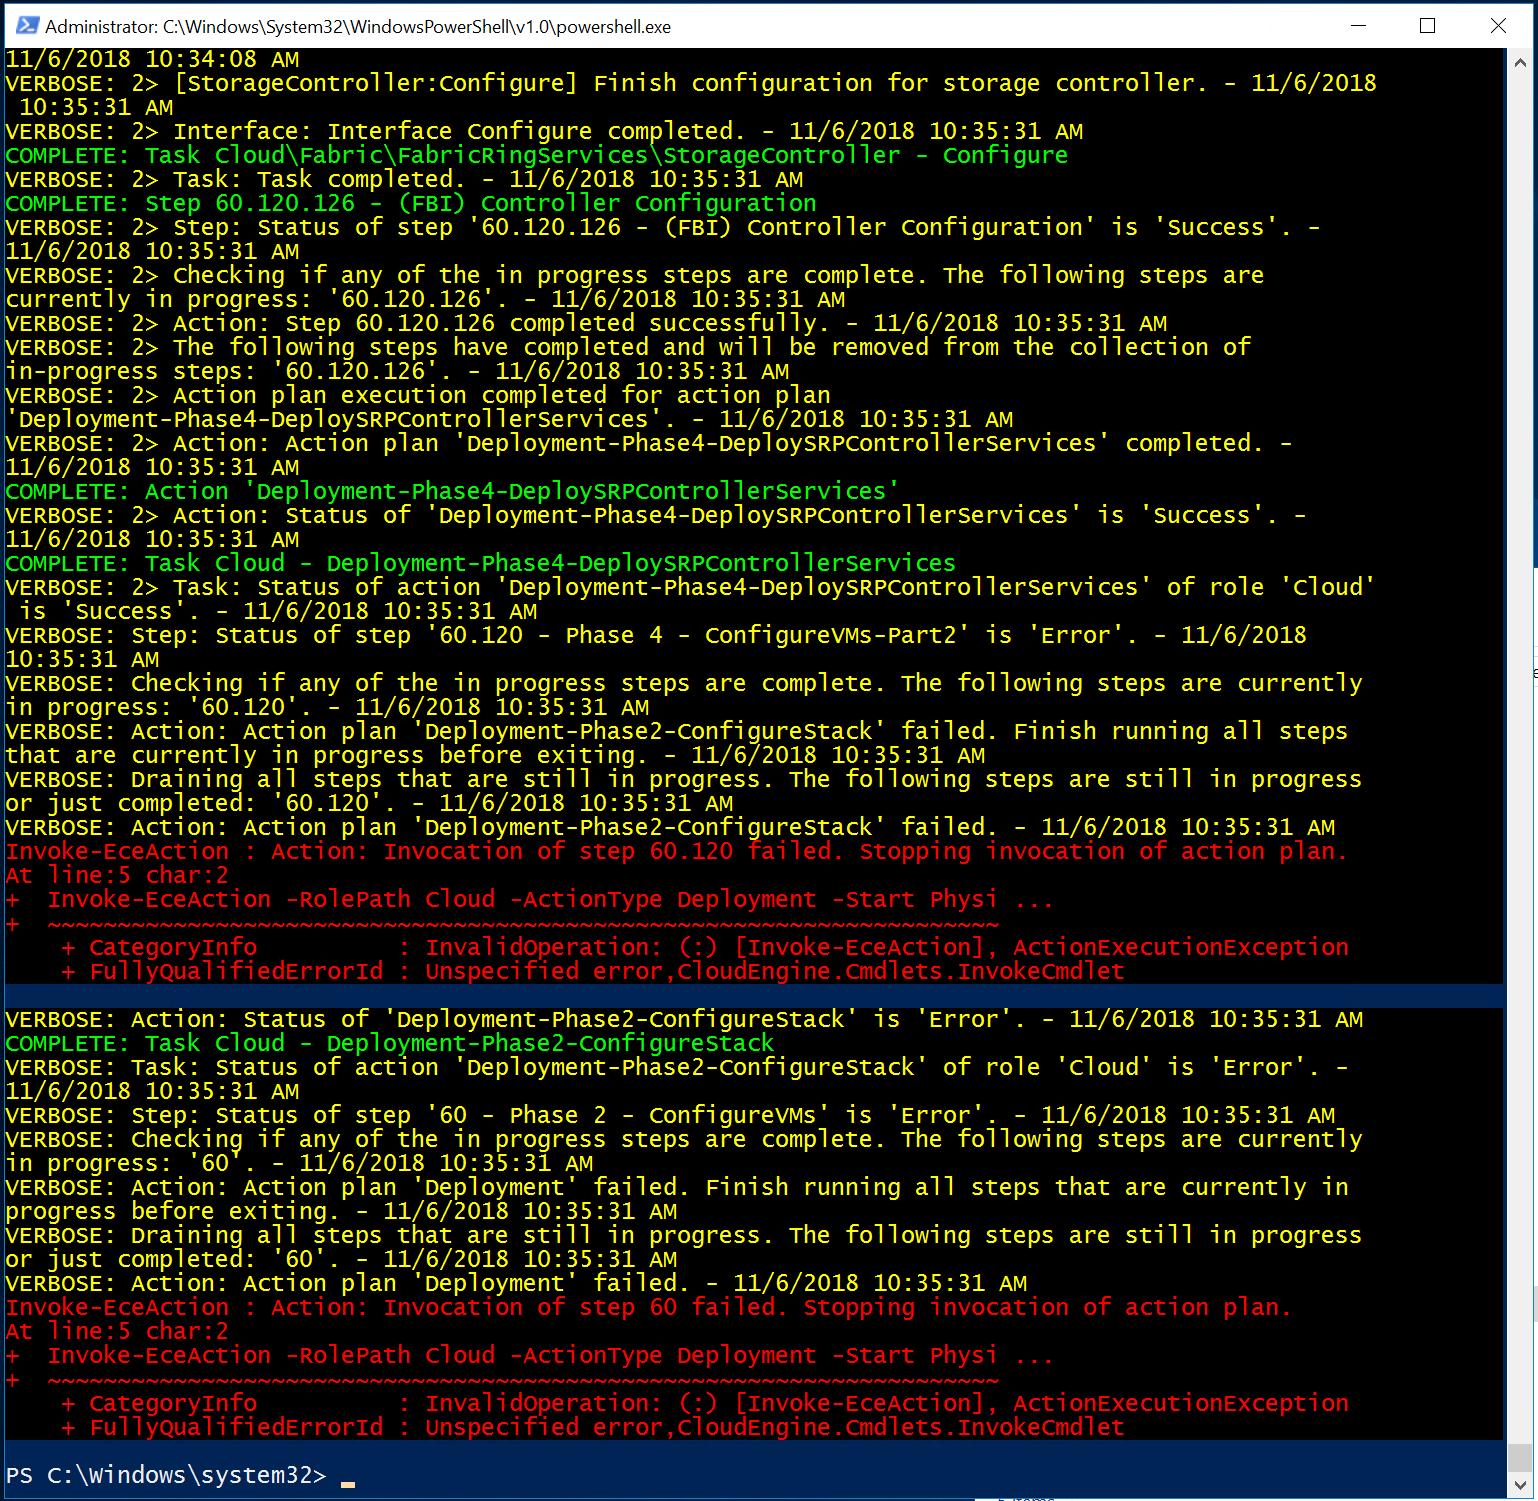 ASDK.1809.0.90-deploy_fail_after 60.120.126